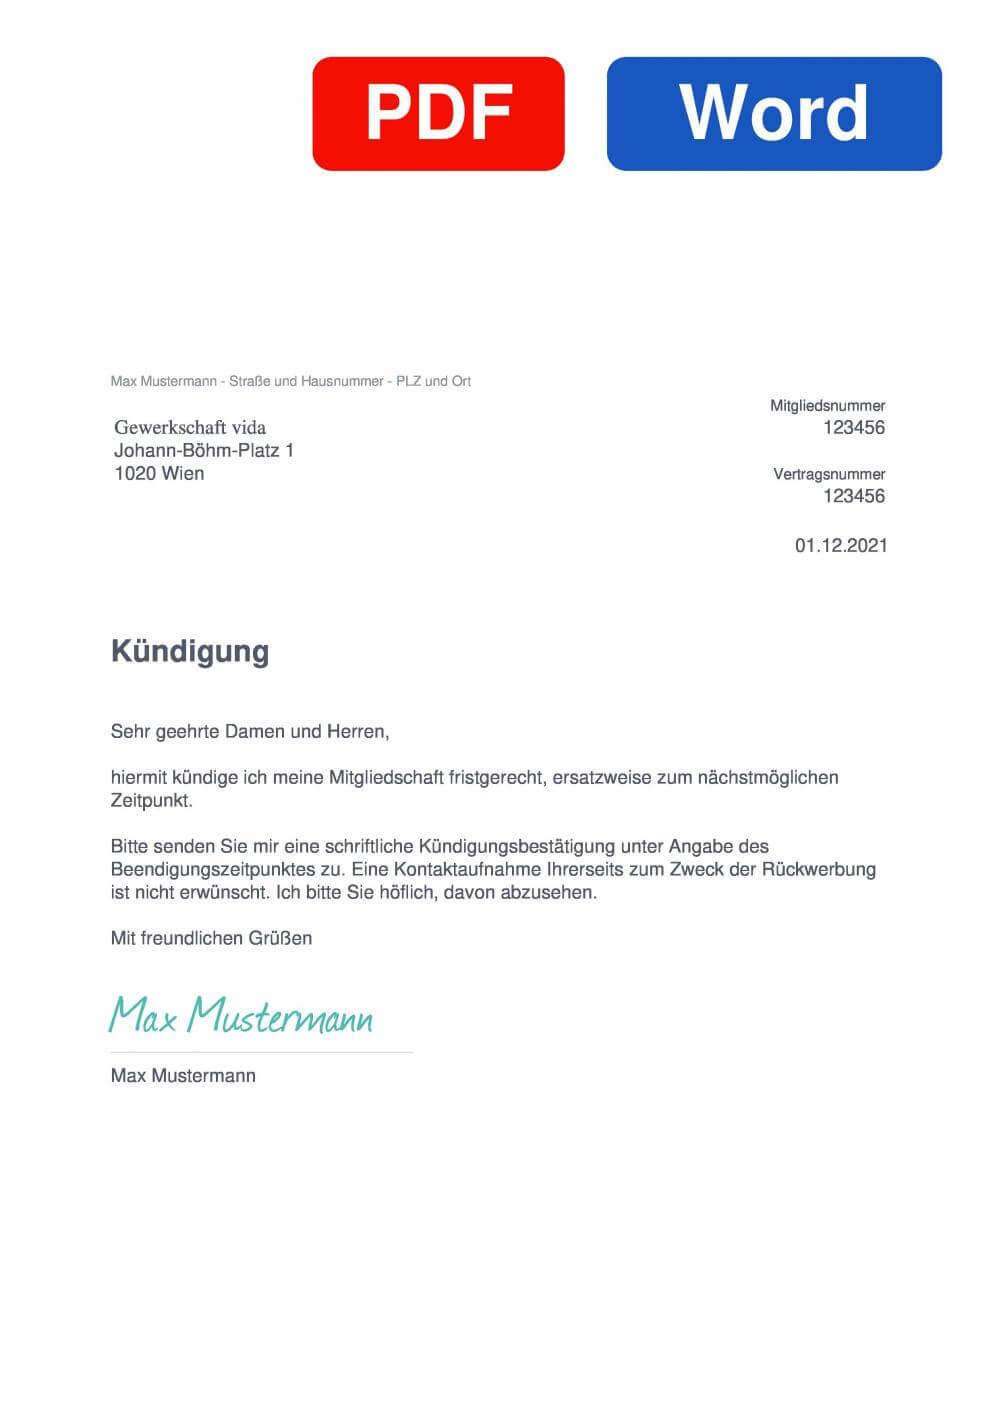 Gewerkschaft vida Muster Vorlage für Kündigungsschreiben